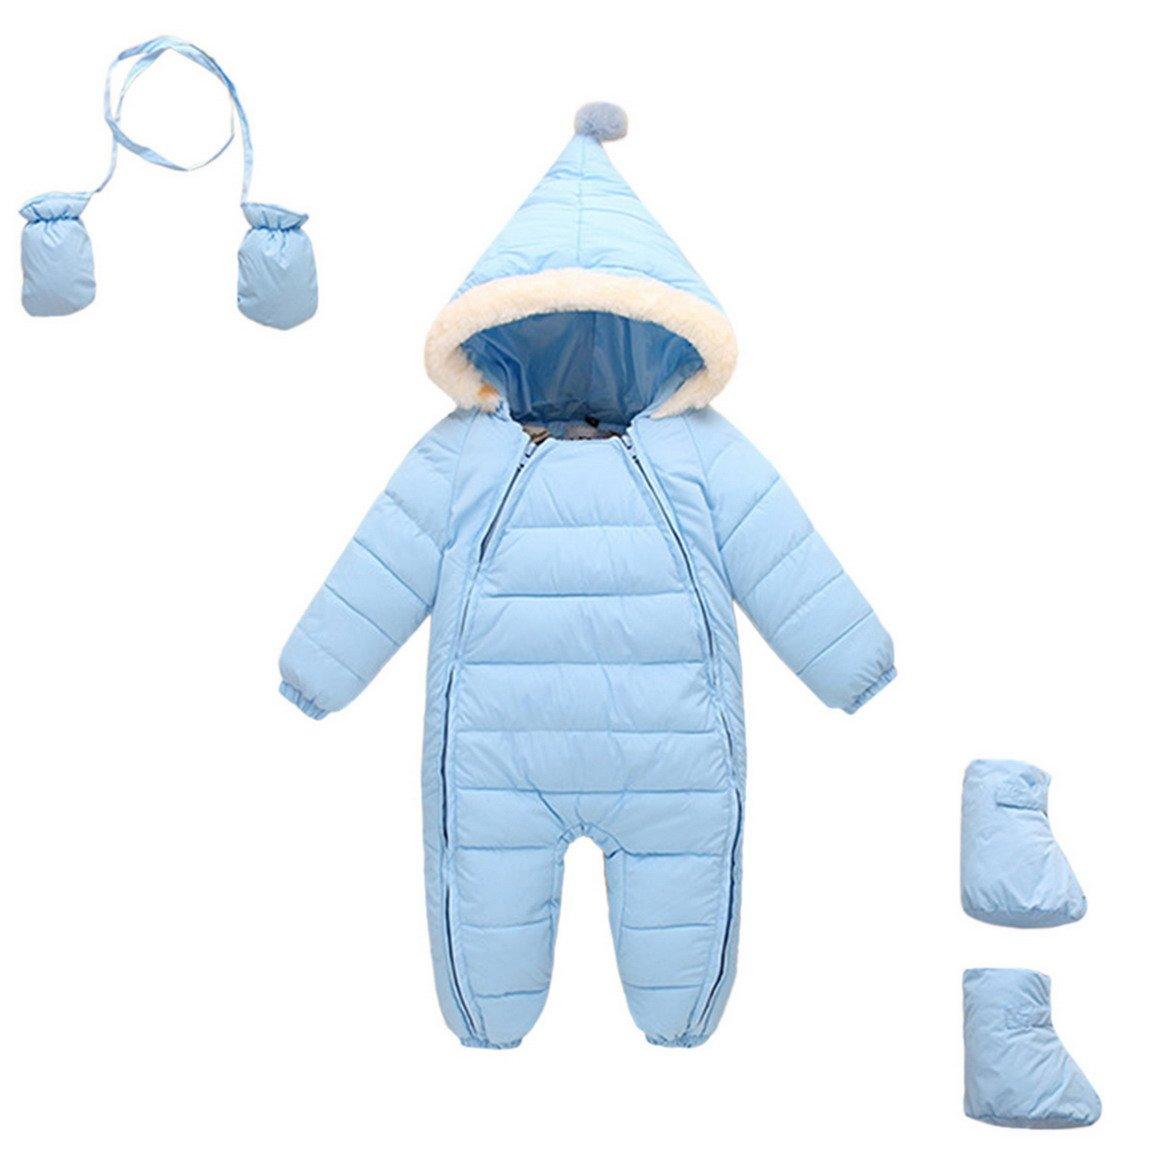 Baby Toddler 3 Piece All in One Snowsuit Romper Snowsuit Zipper Padding Onesie Aivtalk